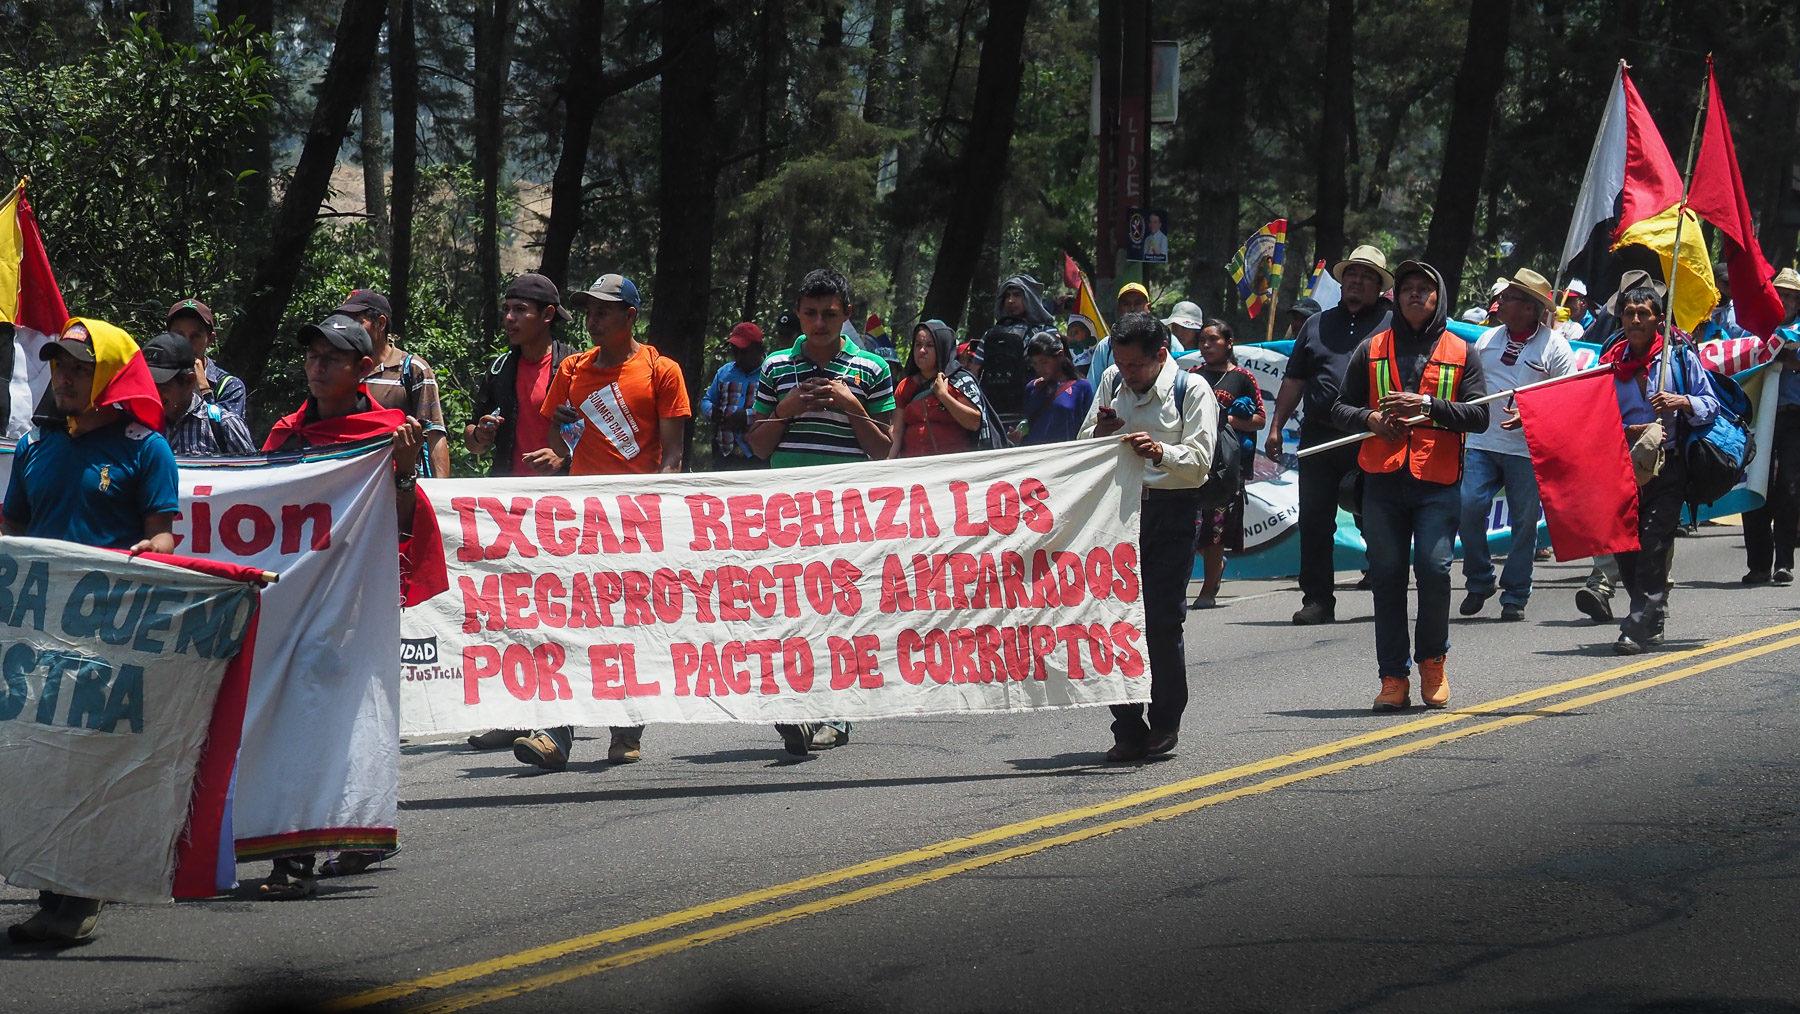 Eine der Demonstrationen gegen die Regierung, der wir begegnen